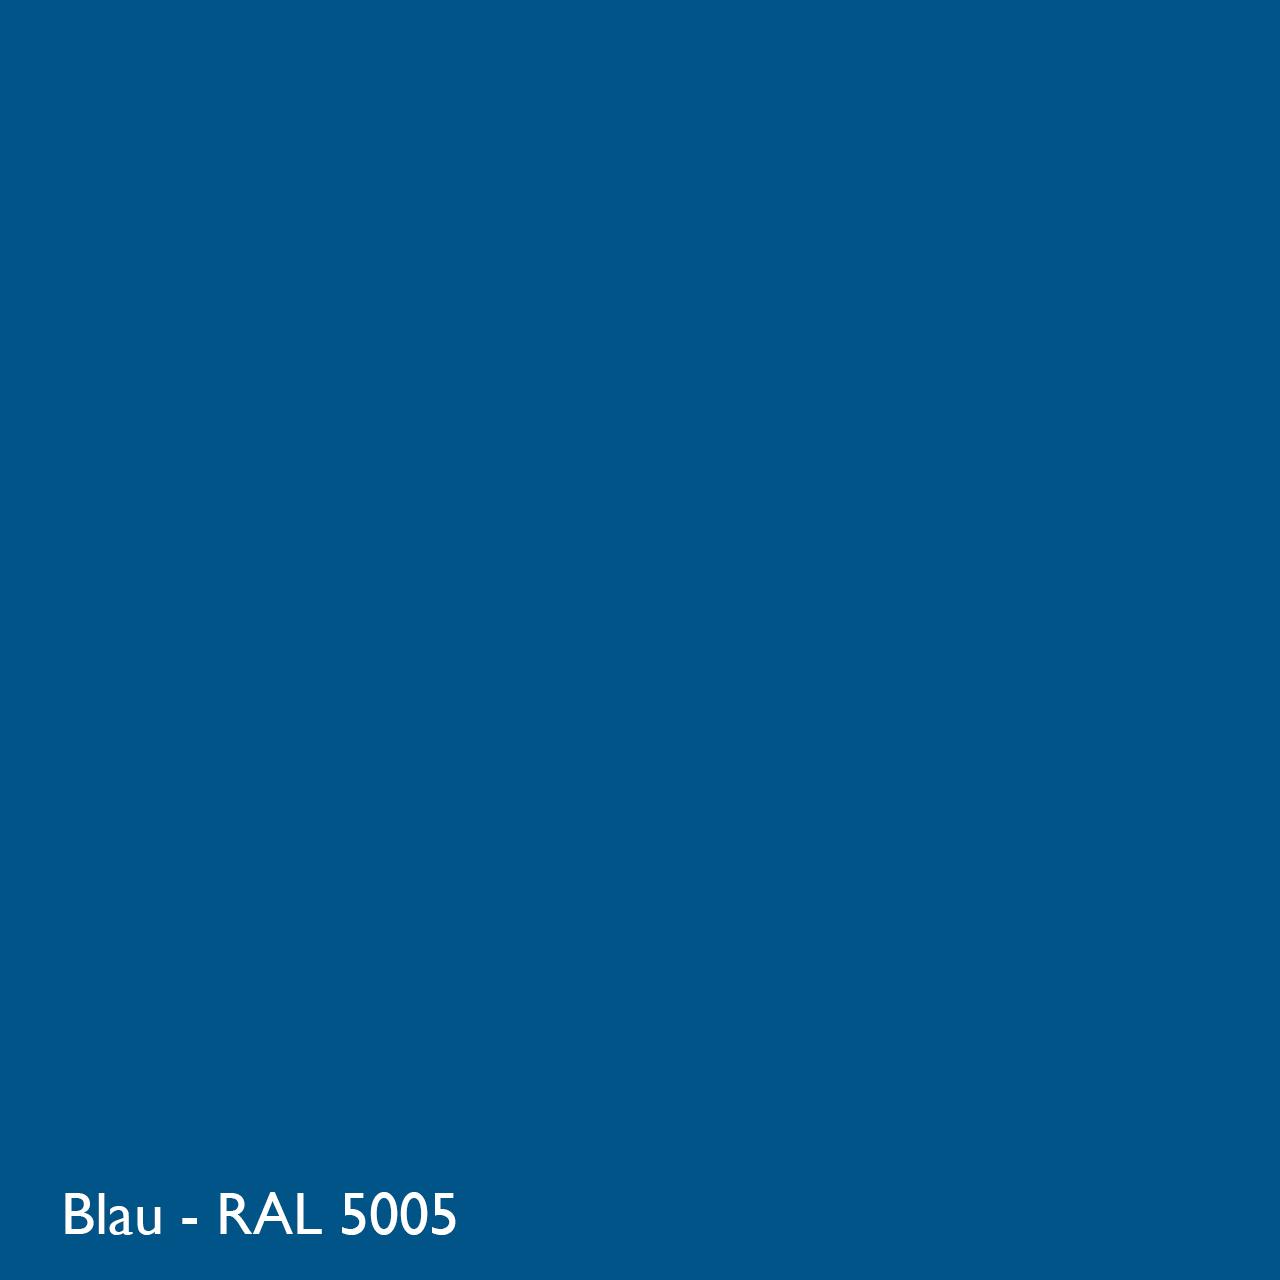 Farbkachel Manufakt Blau - RAL 5005